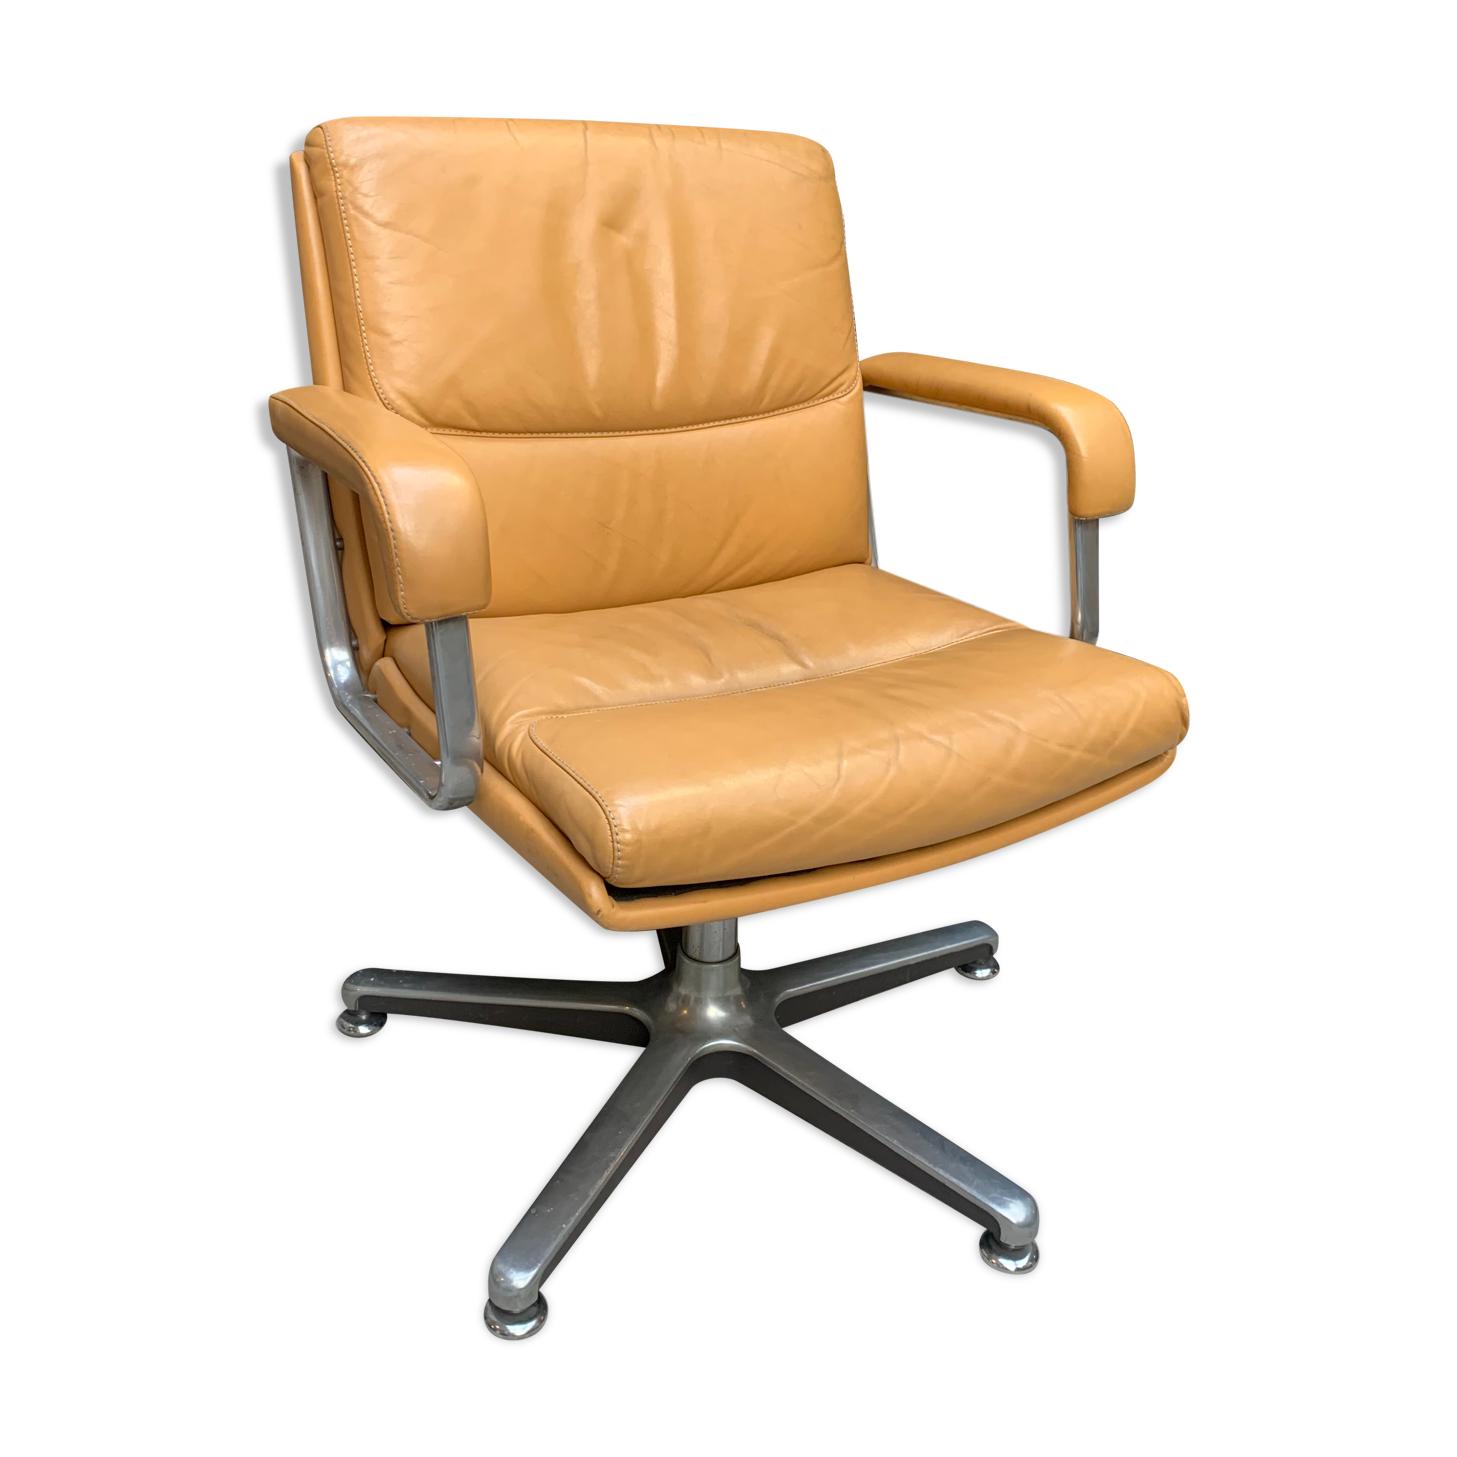 Fauteuil de bureau, fauteuil design 1970